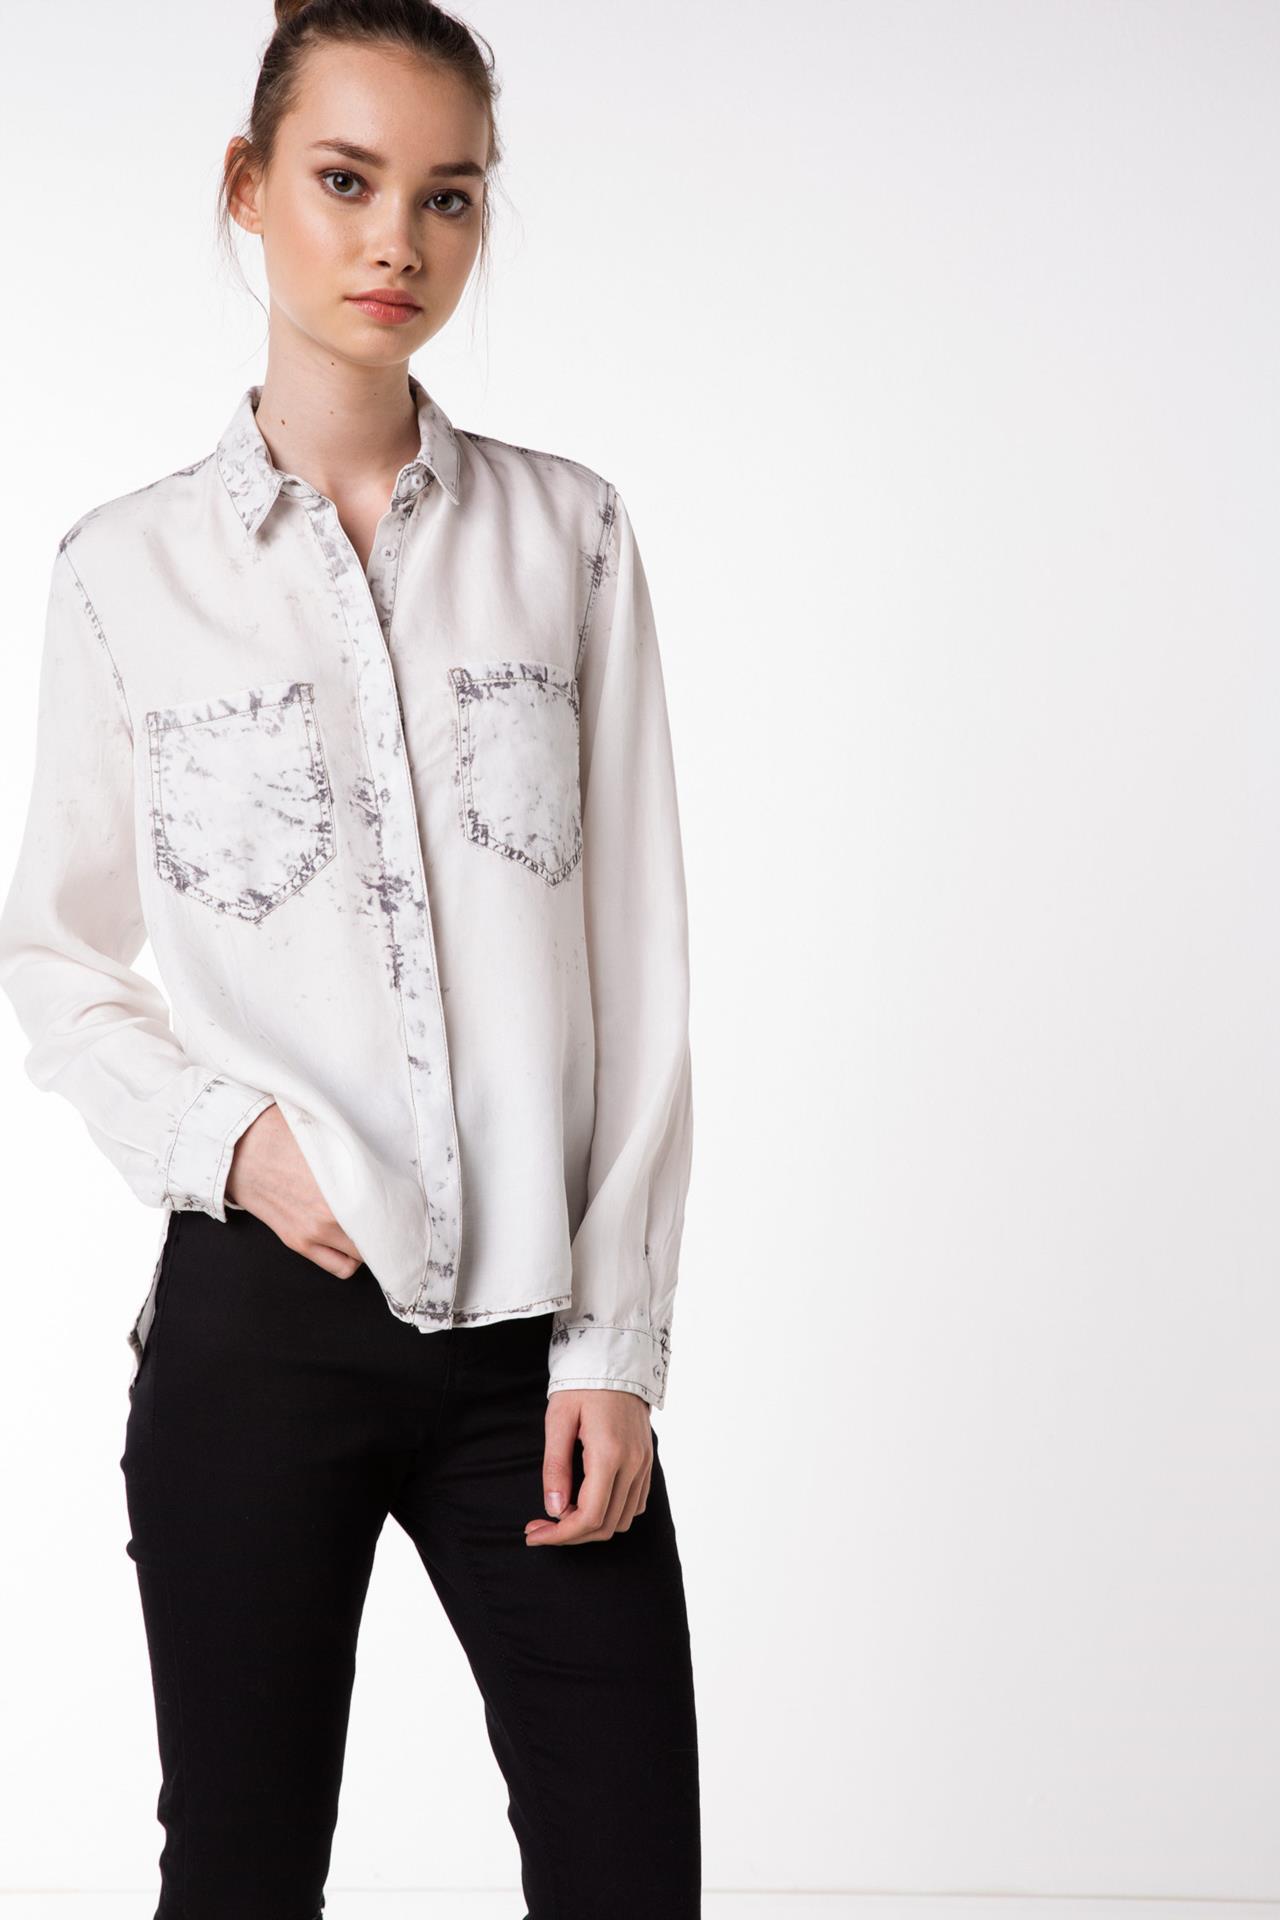 Çok Güzel ve Şık DeFacto Bayan Gömlek Modeli